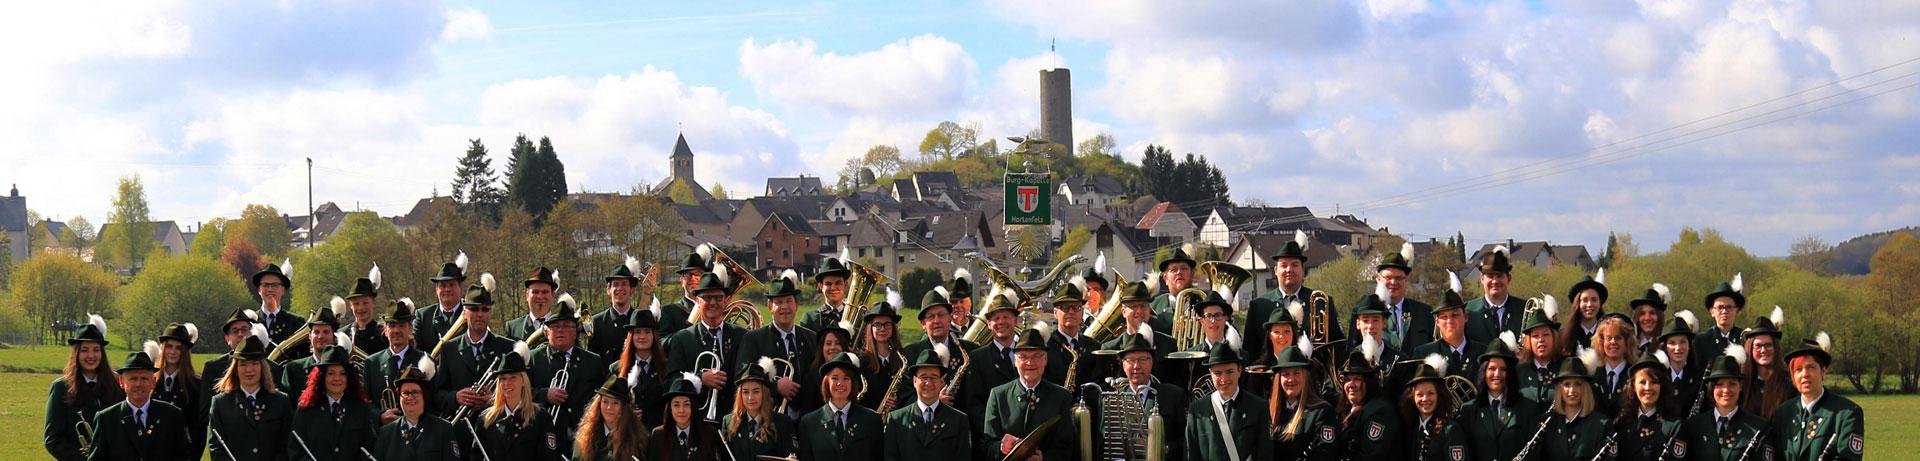 Musikverein Burg-Kapelle Hartenfels e.V.